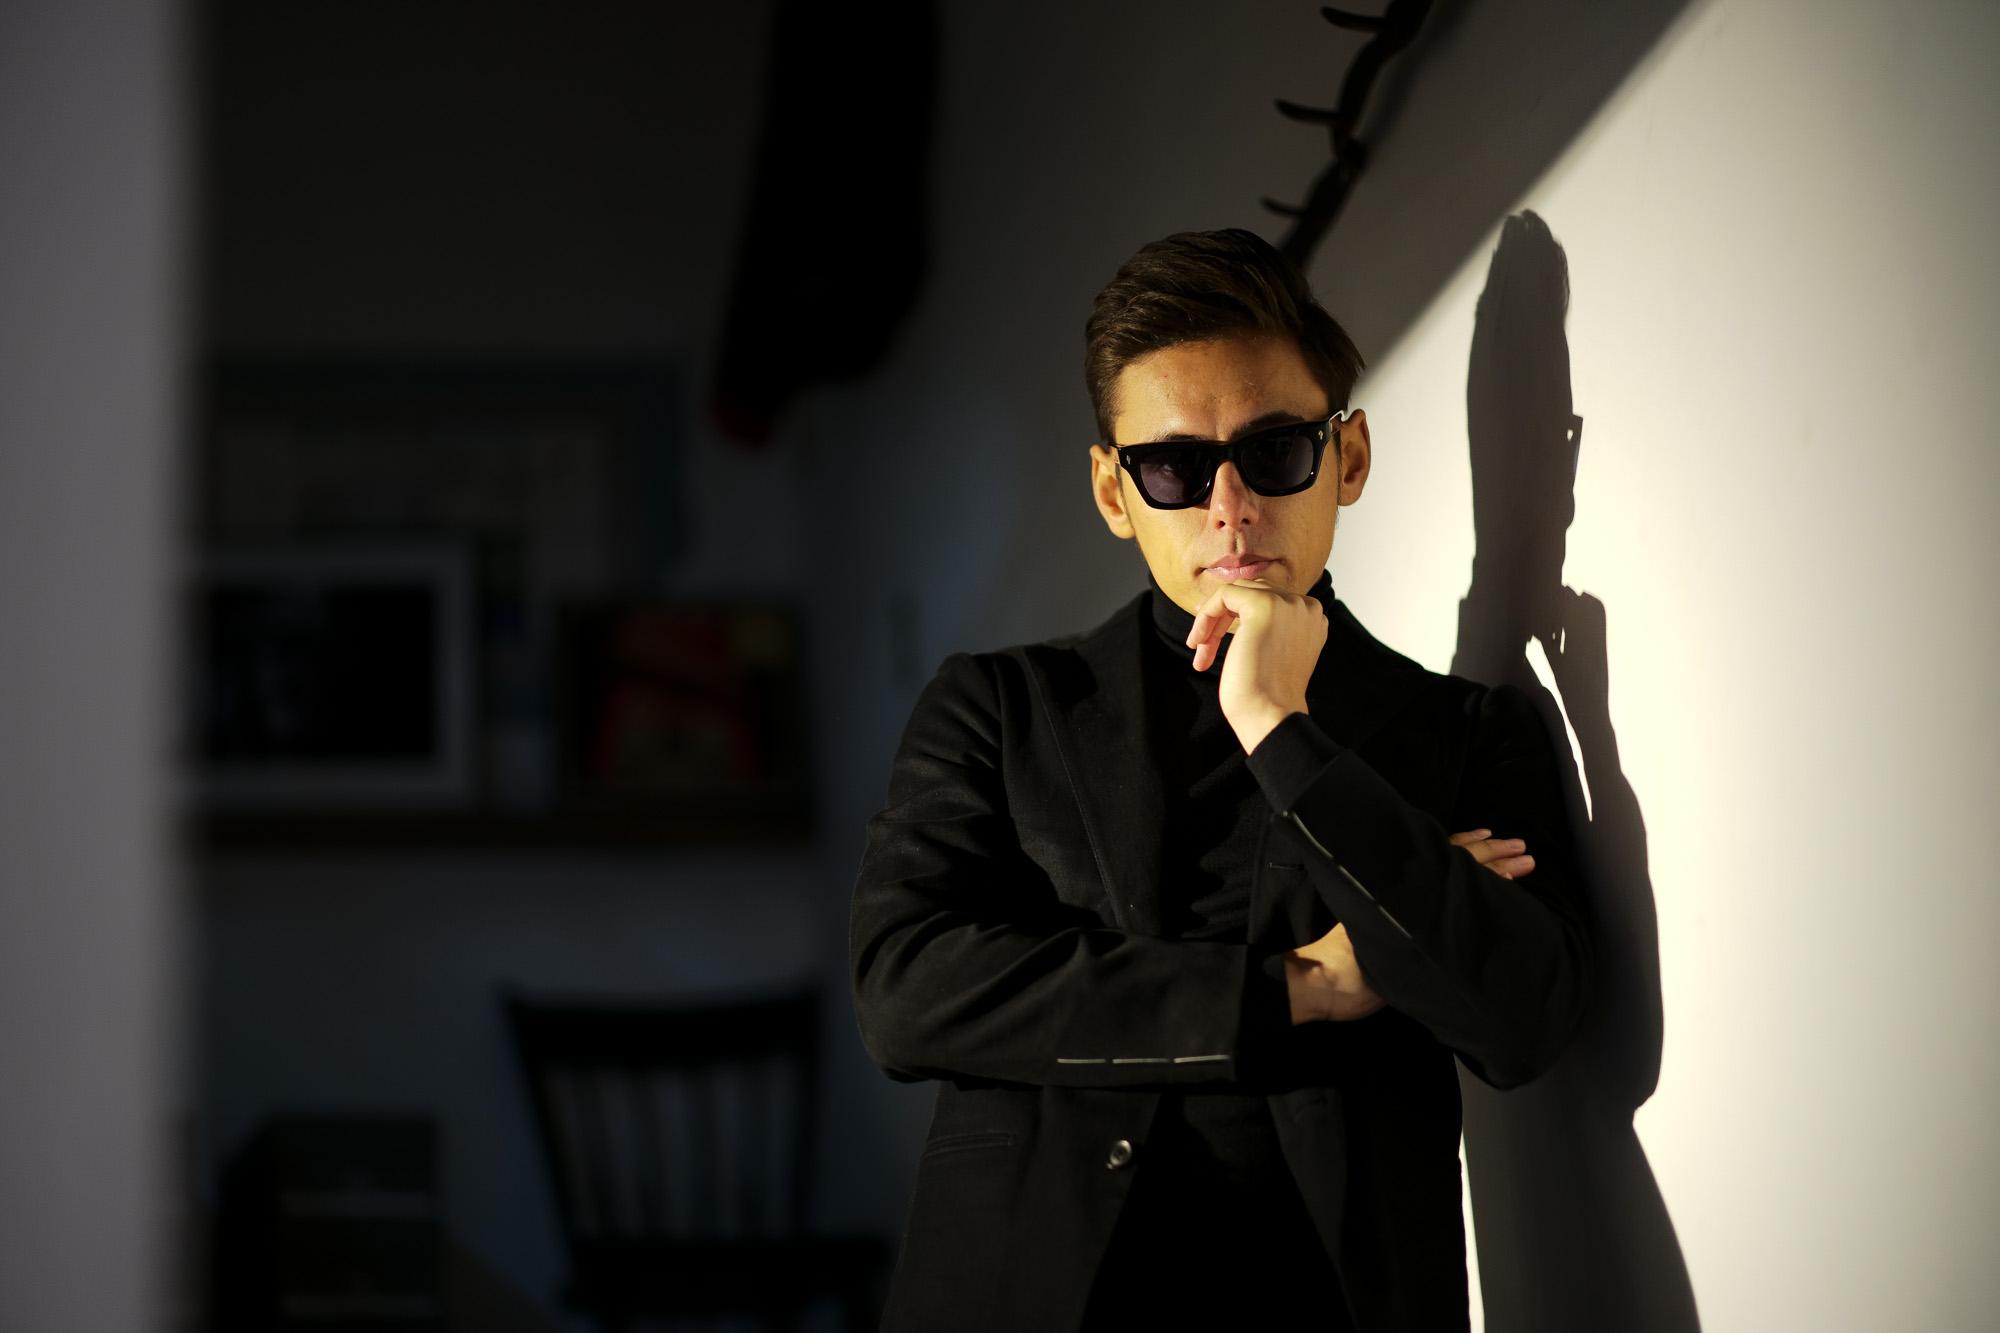 JACQUESMARIEMAGE (ジャックマリーマージュ) DEALAN (ディラン) Bob Dylan (ボブ・ディラン) STERLING SILVER スターリングシルバー ウェリントン型 アイウェア サングラス NOIR 3 (ノワール3) HANDCRAFTED IN JAPAN(日本製) 2019 春夏新作 jacquesmariemage 愛知 名古屋 Alto e Diritto アルト エ デリット